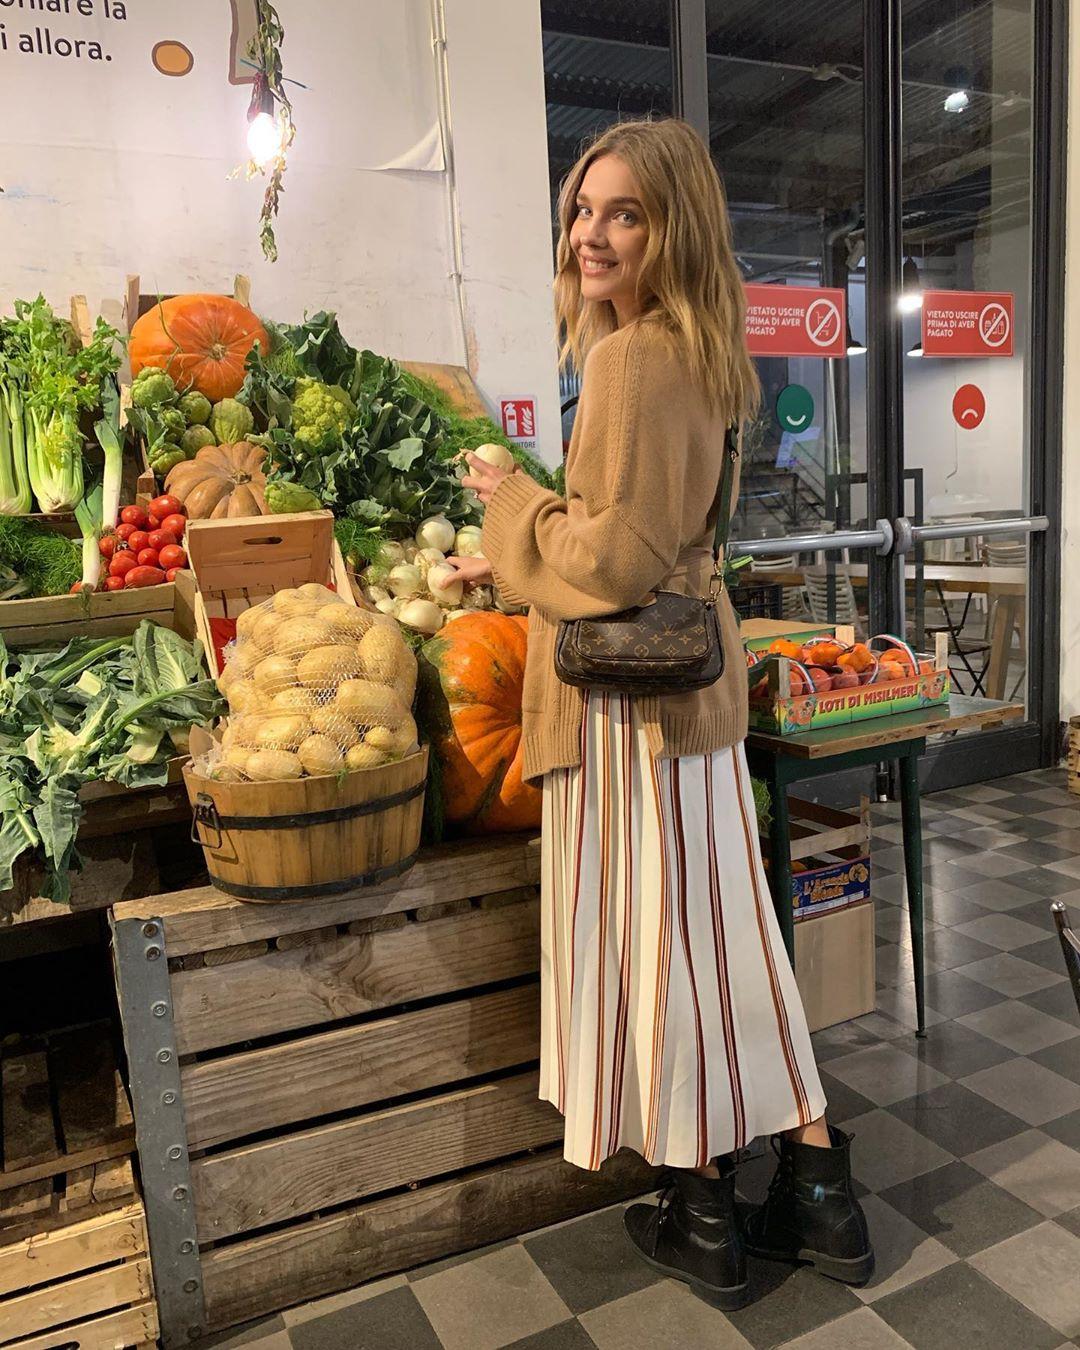 Во время поездки в Палермо Наталья Водянова заглянула на местный рынок